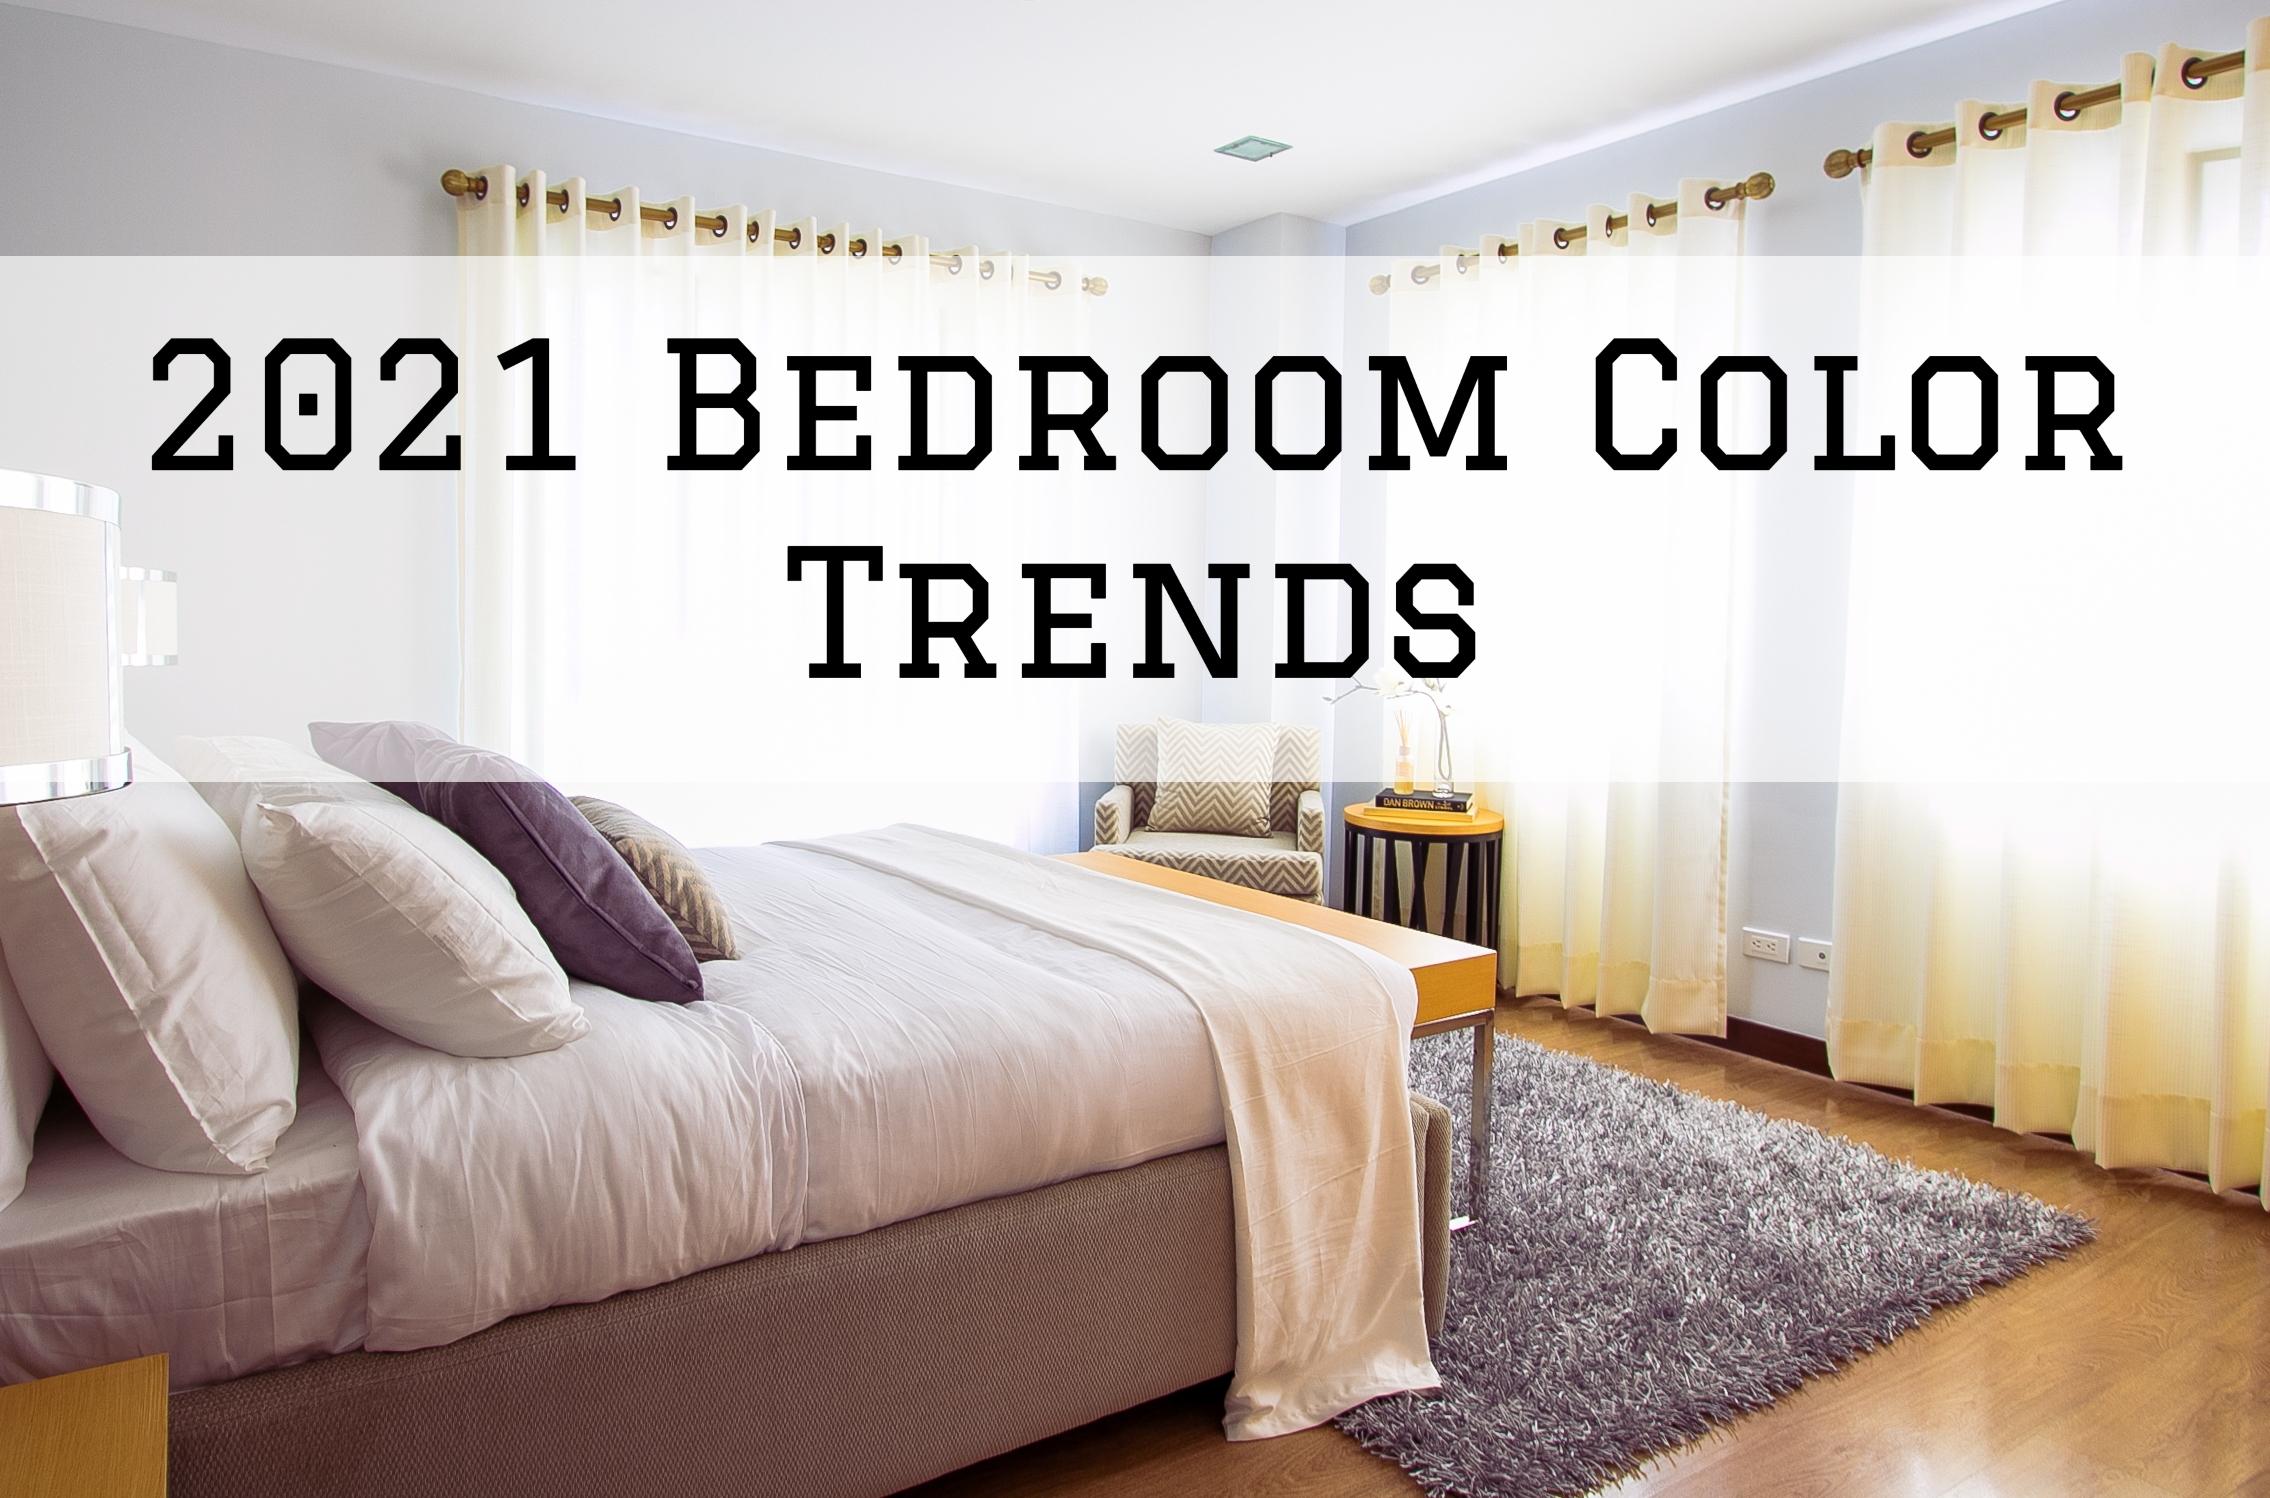 2021 Bedroom Paint Color Trends in Omaha, NE